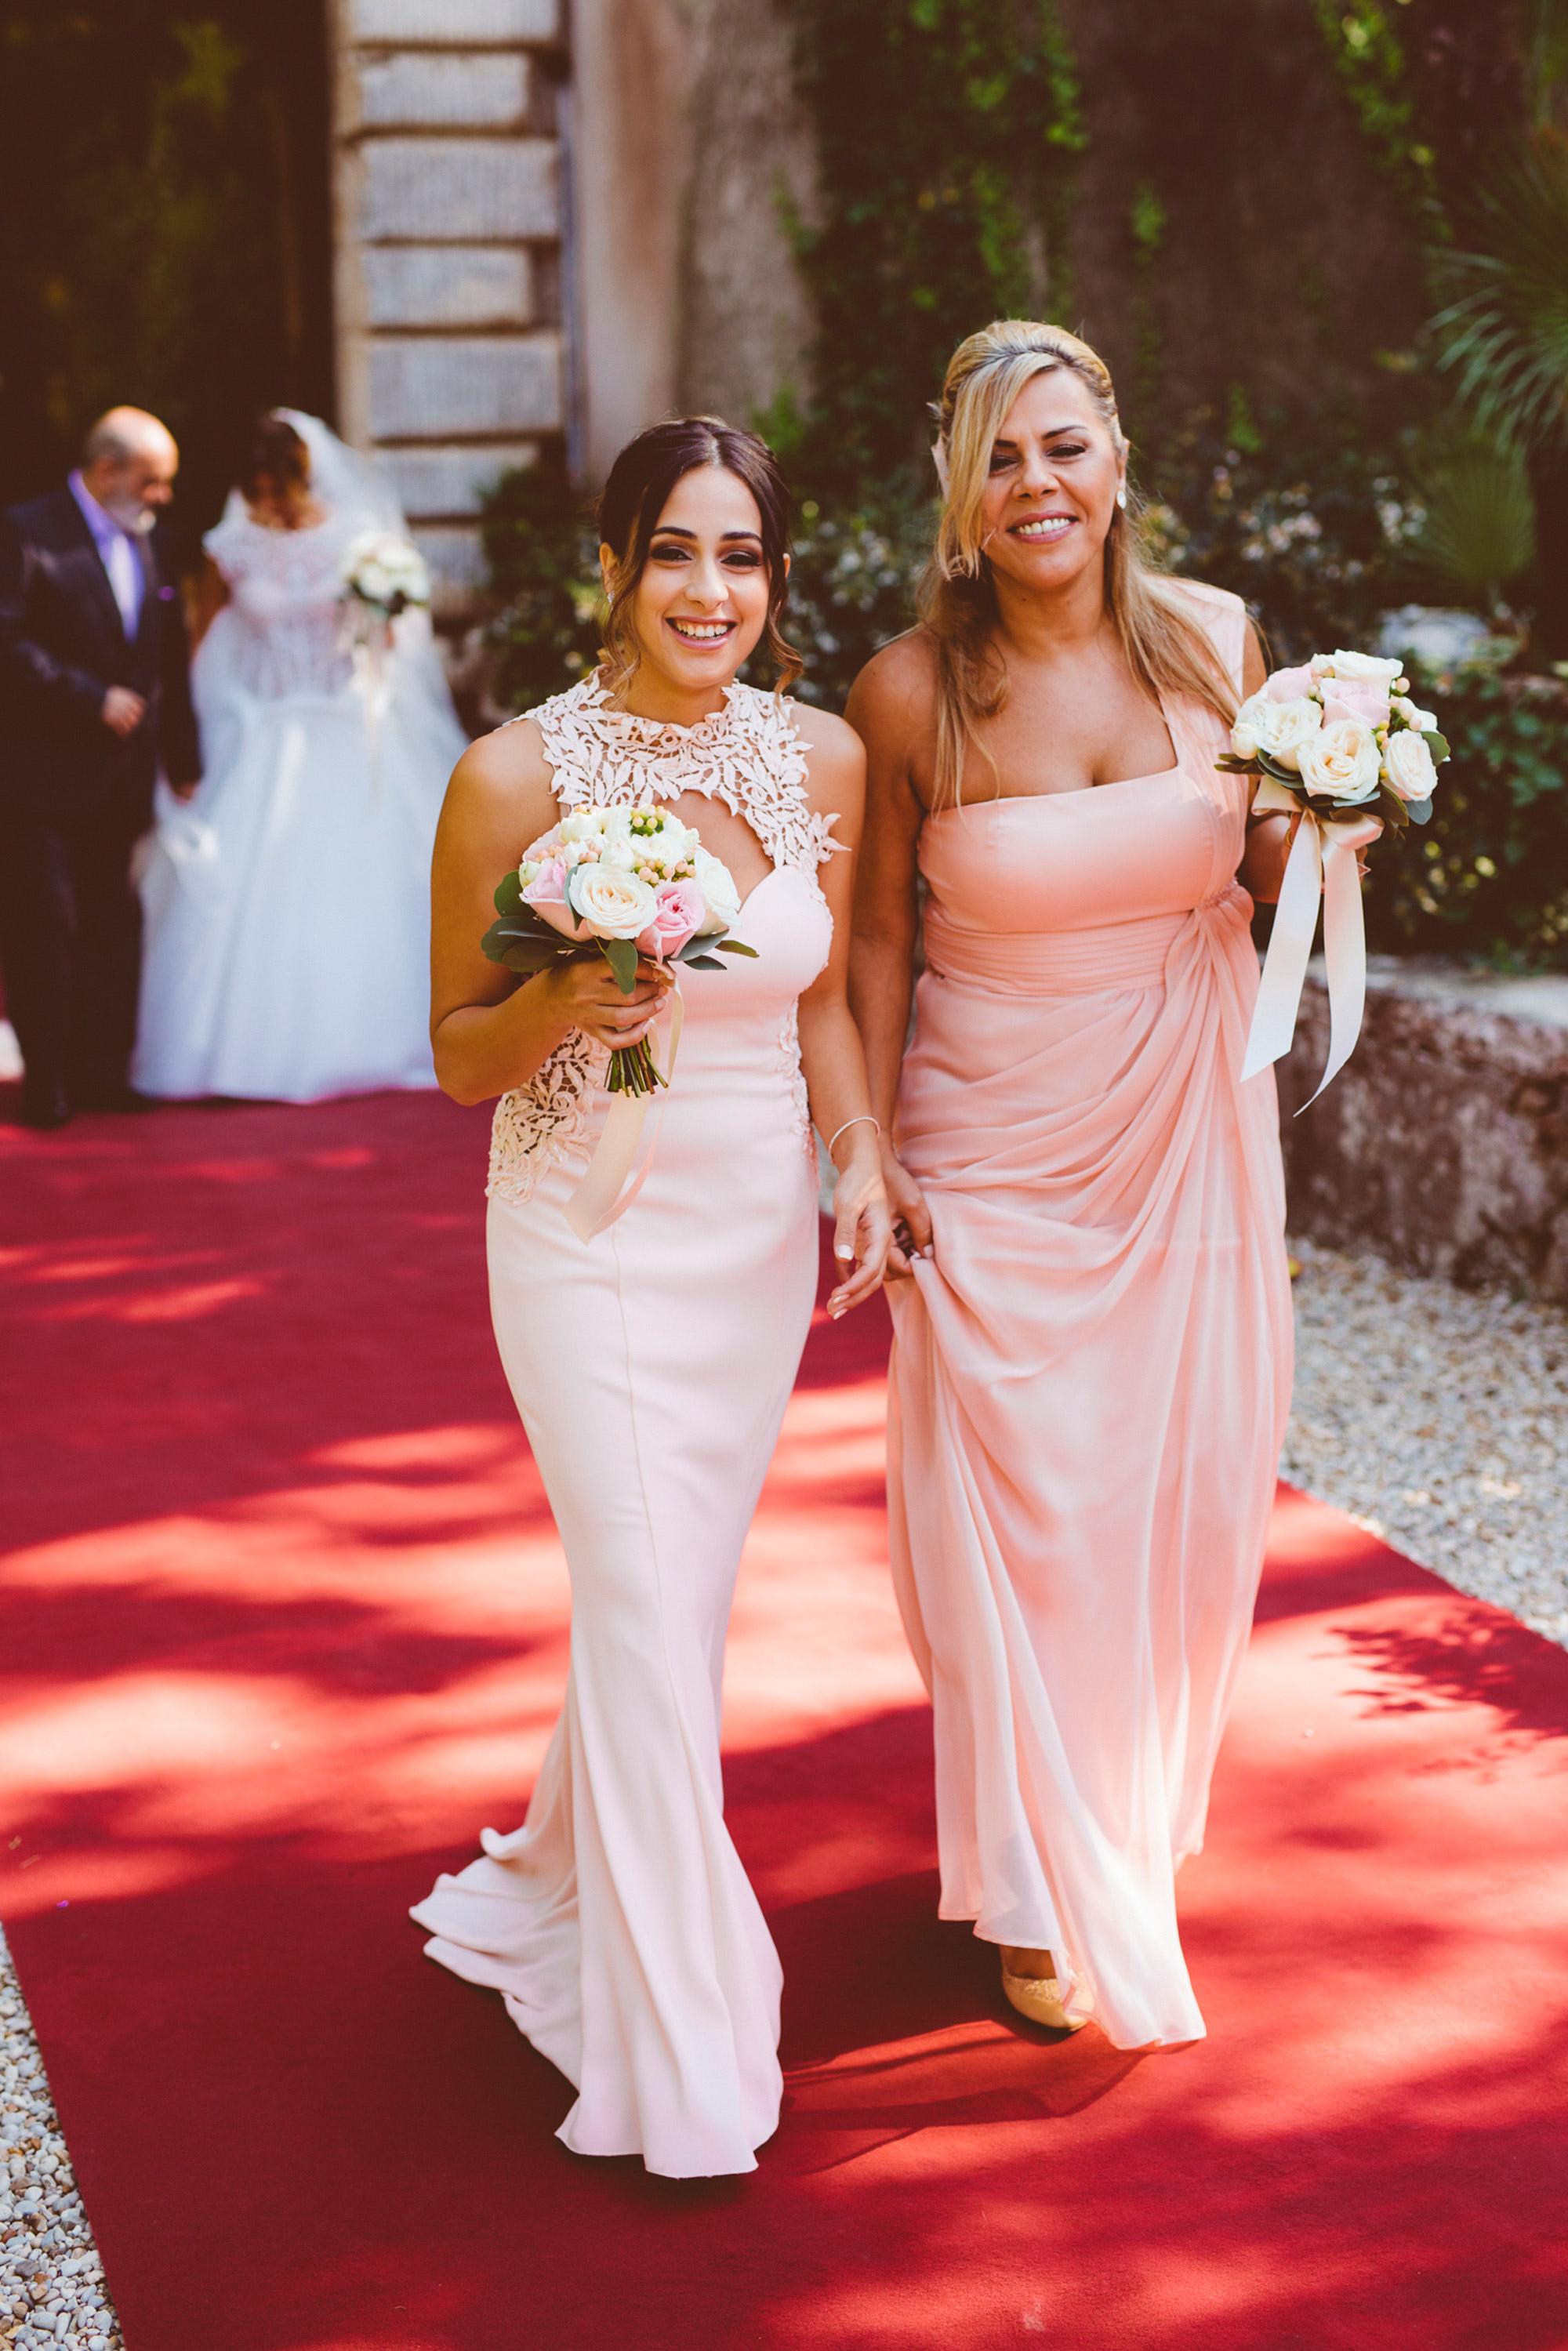 035-santamarinella-wedding-castello-odescalchi.jpg